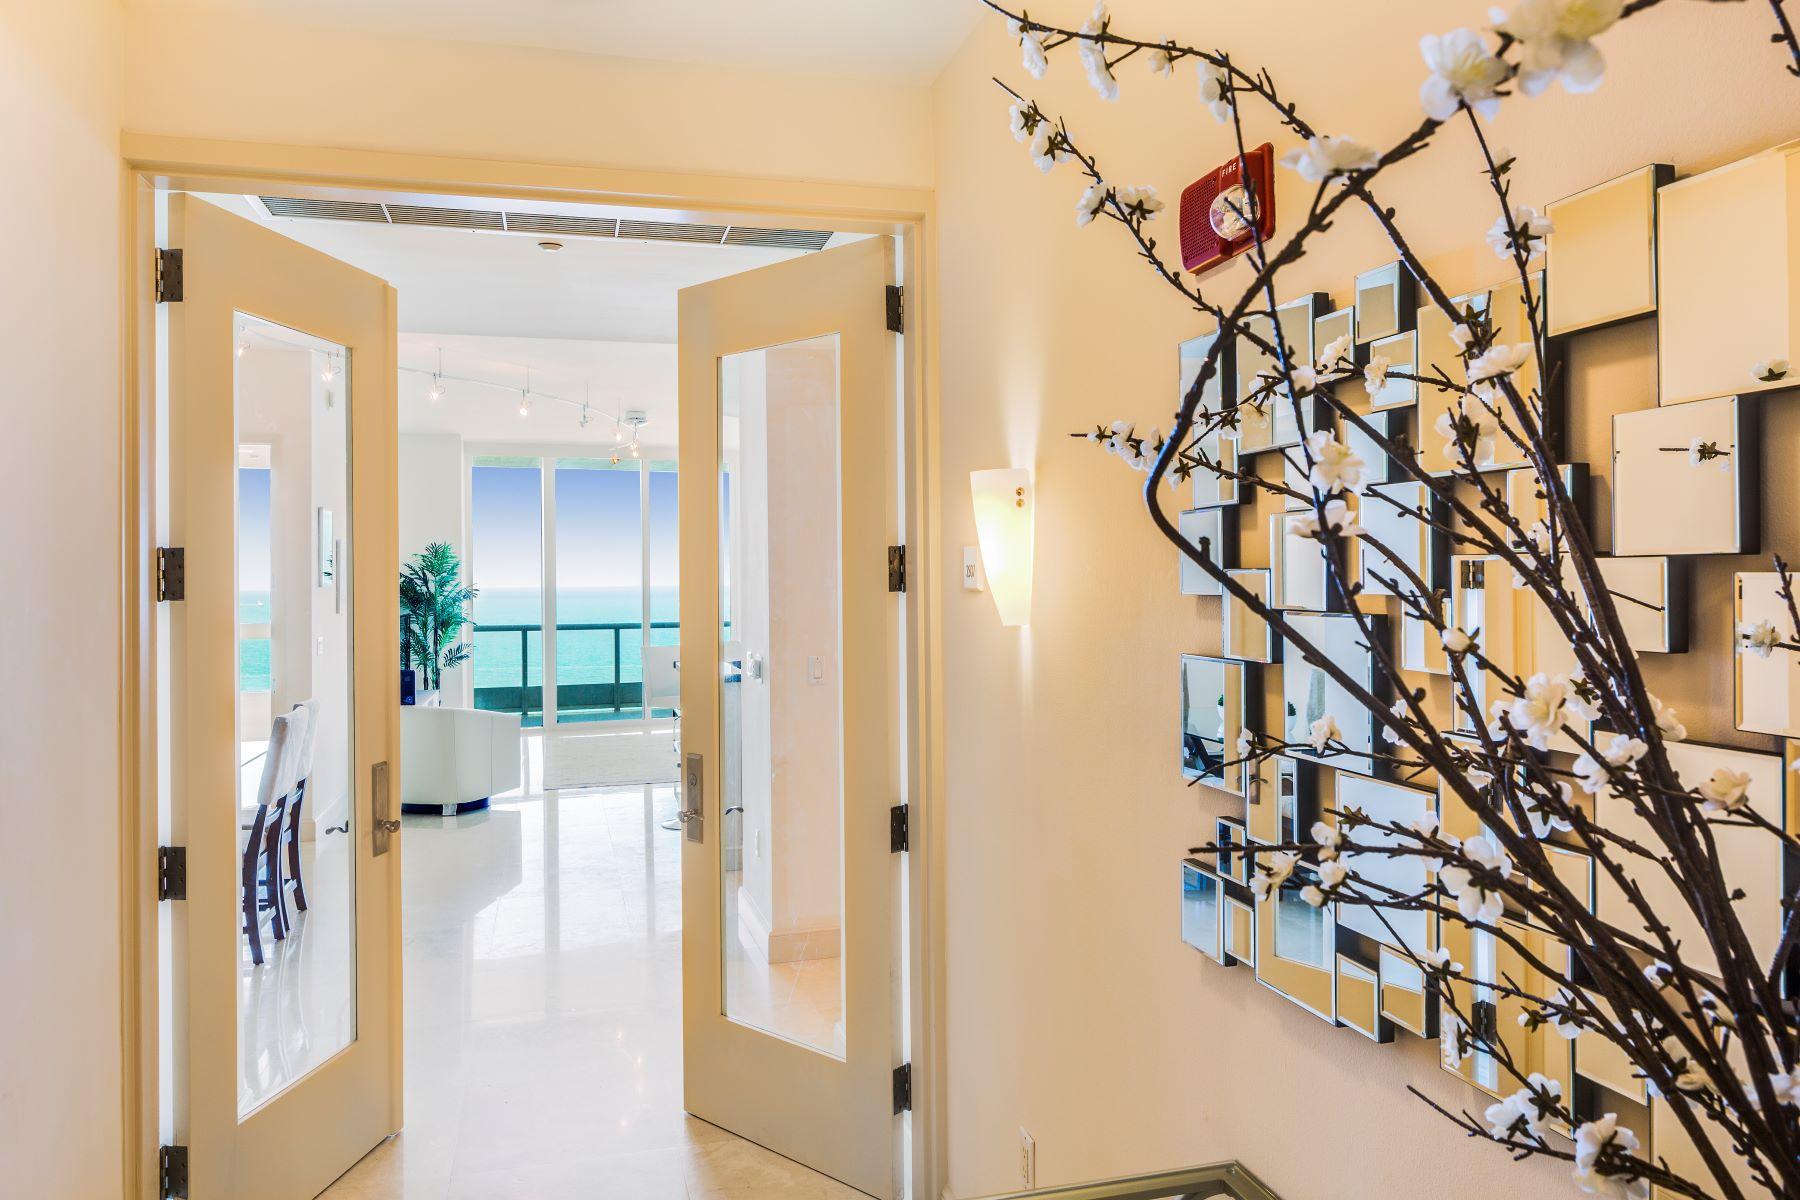 Кондоминиум для того Продажа на 100 S Pointe Dr 100 S Pointe Dr 2507, Miami Beach, Флорида, 33139 Соединенные Штаты